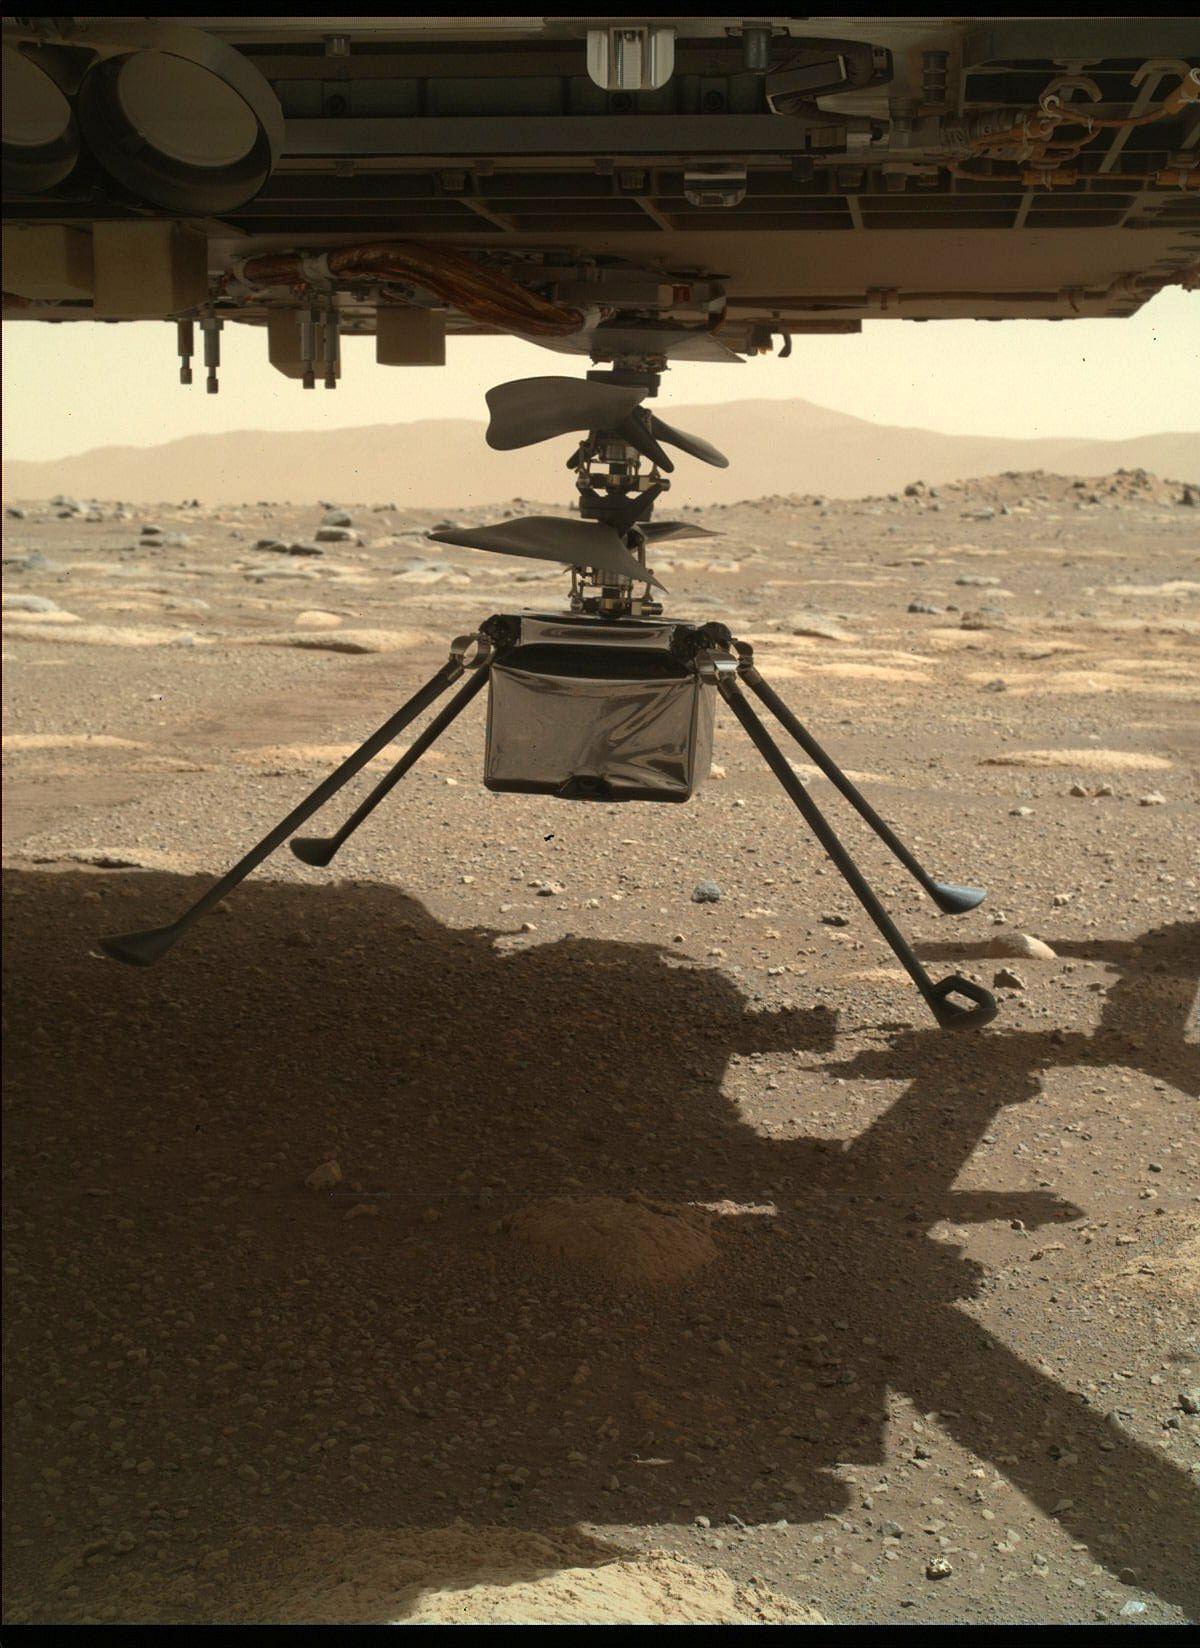 मंगल पर पहली बार उड़ा हेलिकॉप्टर, क्यों खास है NASA का ऑपरेशन?